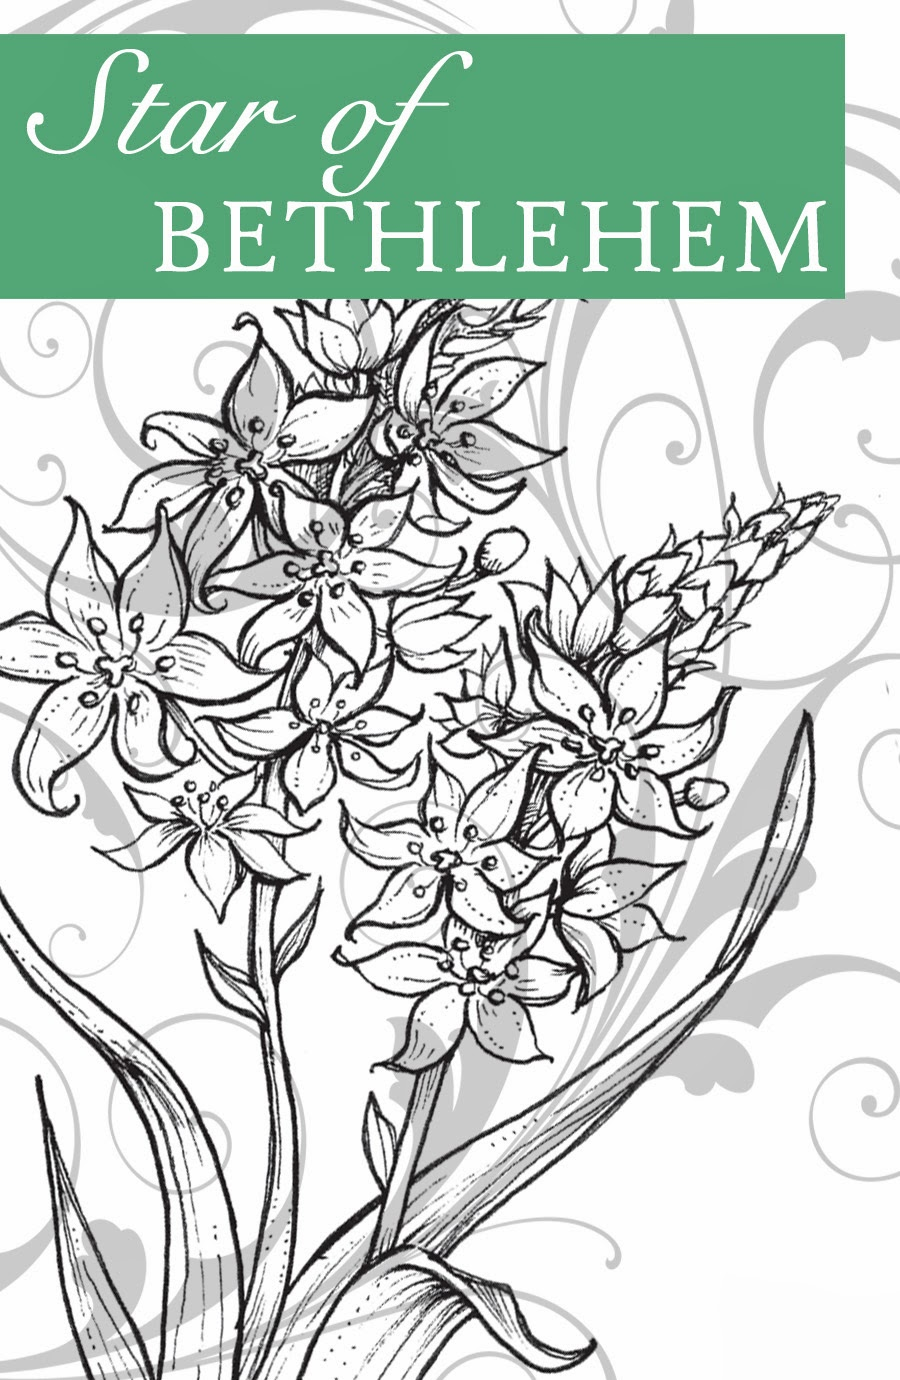 star of bethlehem flower meaning  flower, Natural flower